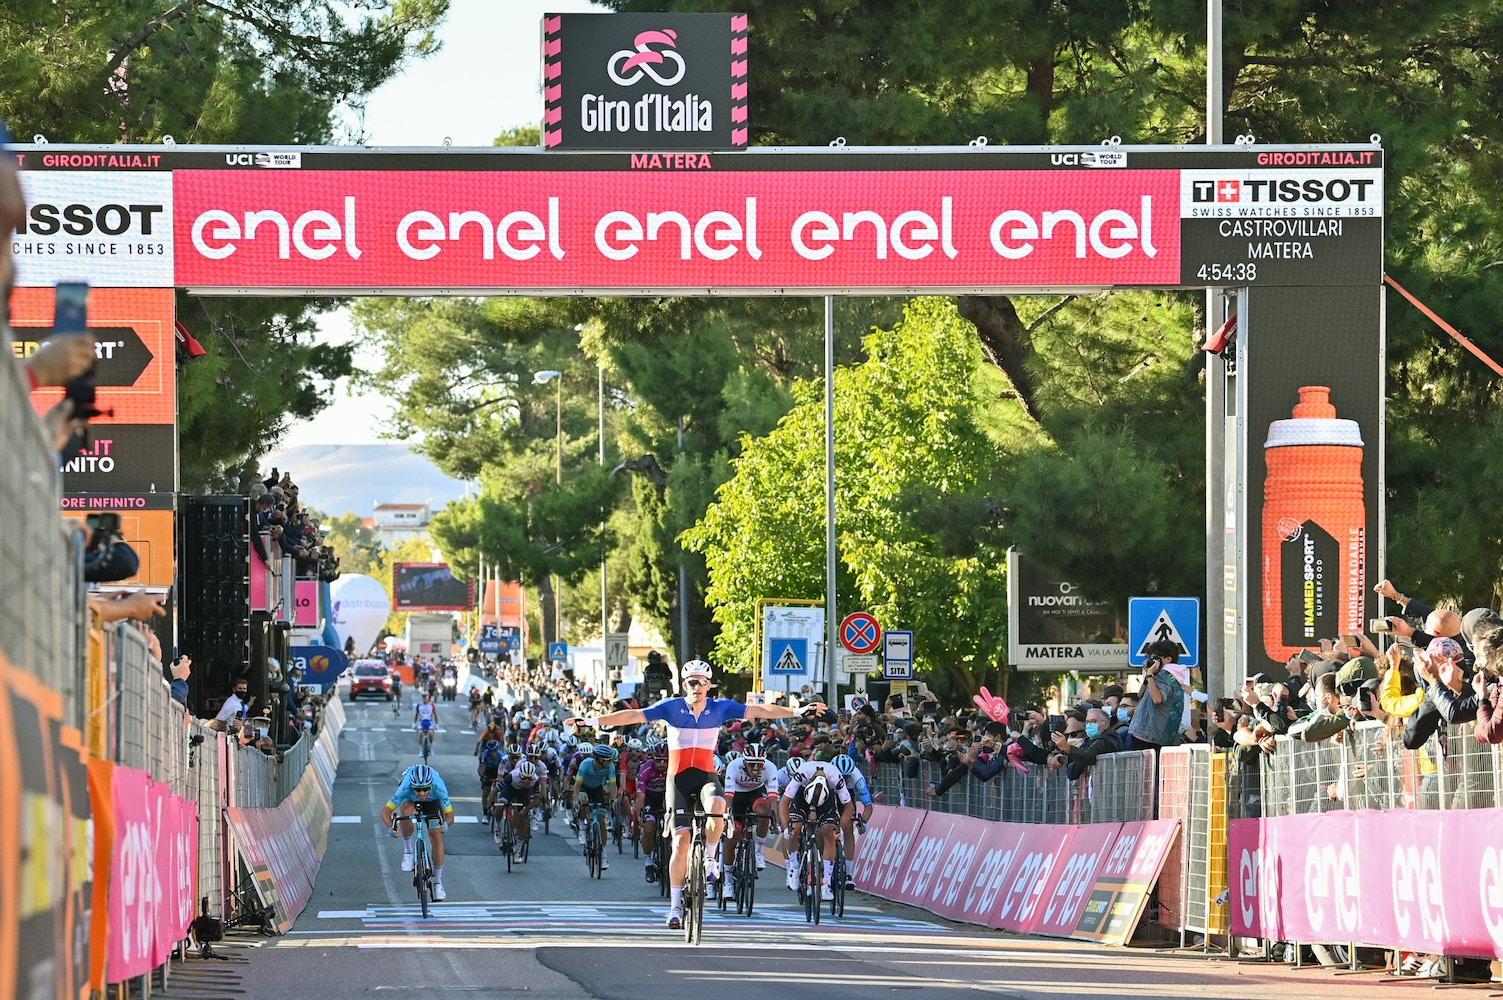 Arnaud Démare Logra su Segunda Victoria de Sprint - Giro d'Italia Etapa 6